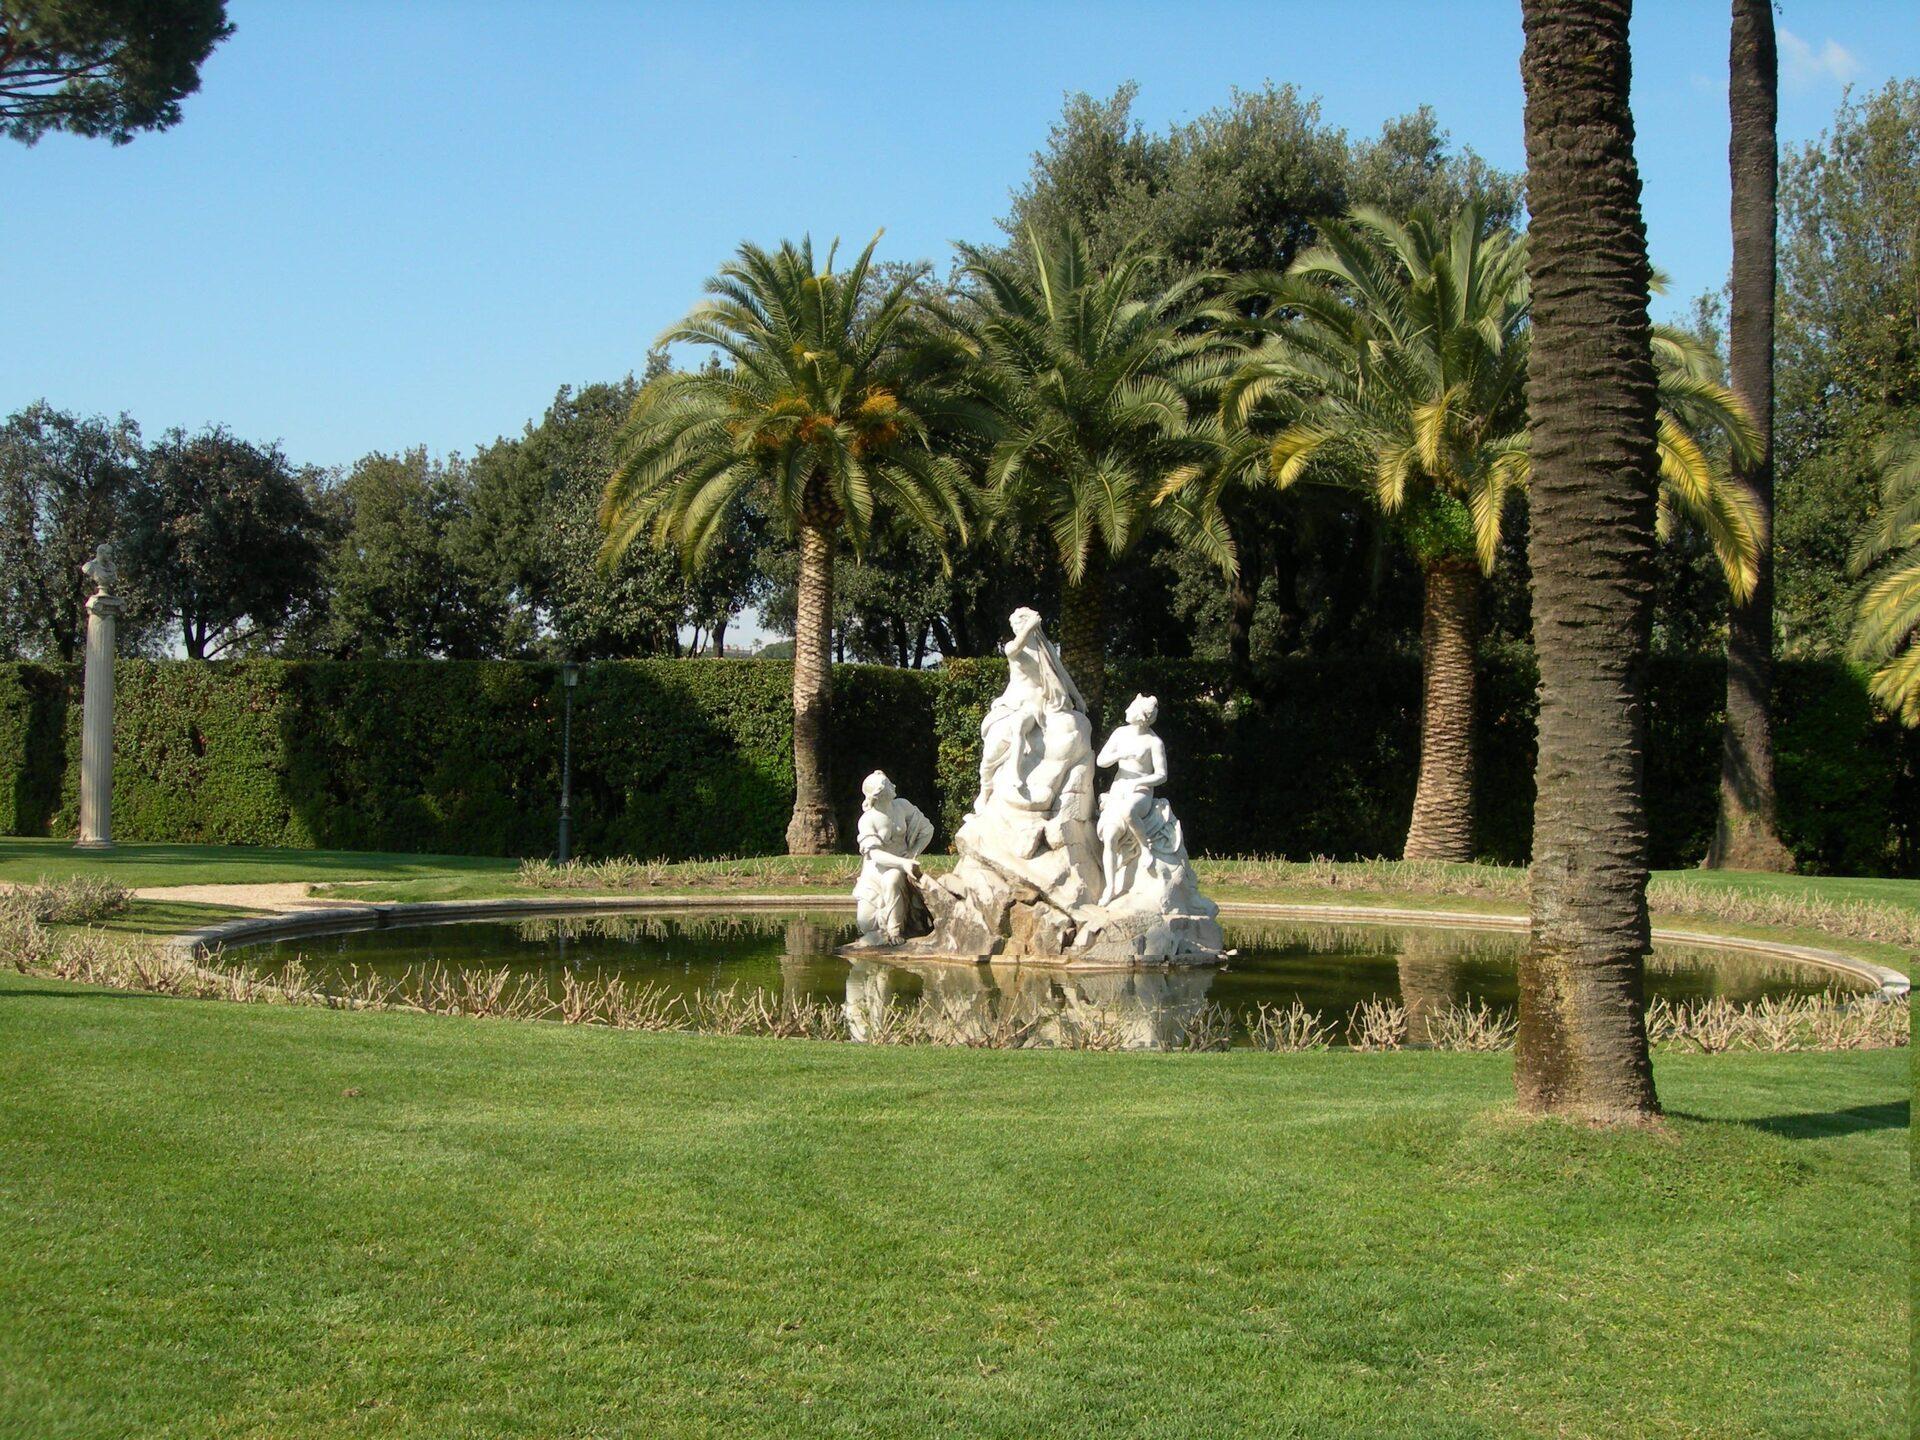 Visitare gratis i giardini del quirinale il 2 giugno - I giardini del quirinale ...